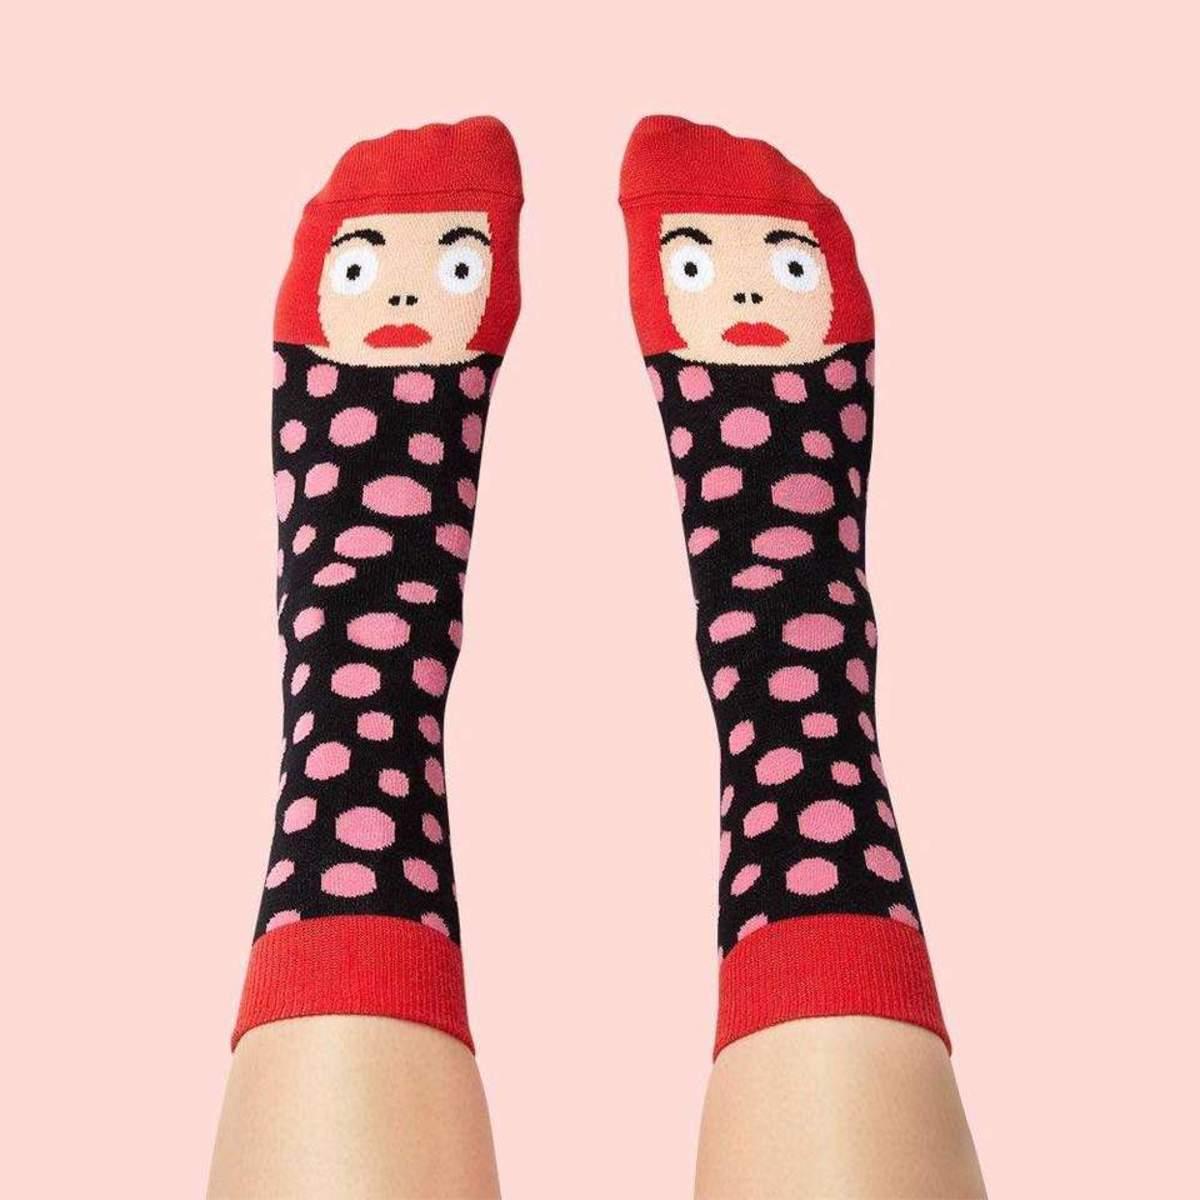 Art-Socks-Yayoi-Funny-Gift_eb5588da-185b-4f0a-b9fd-bf2e62a481f6_480x@2x